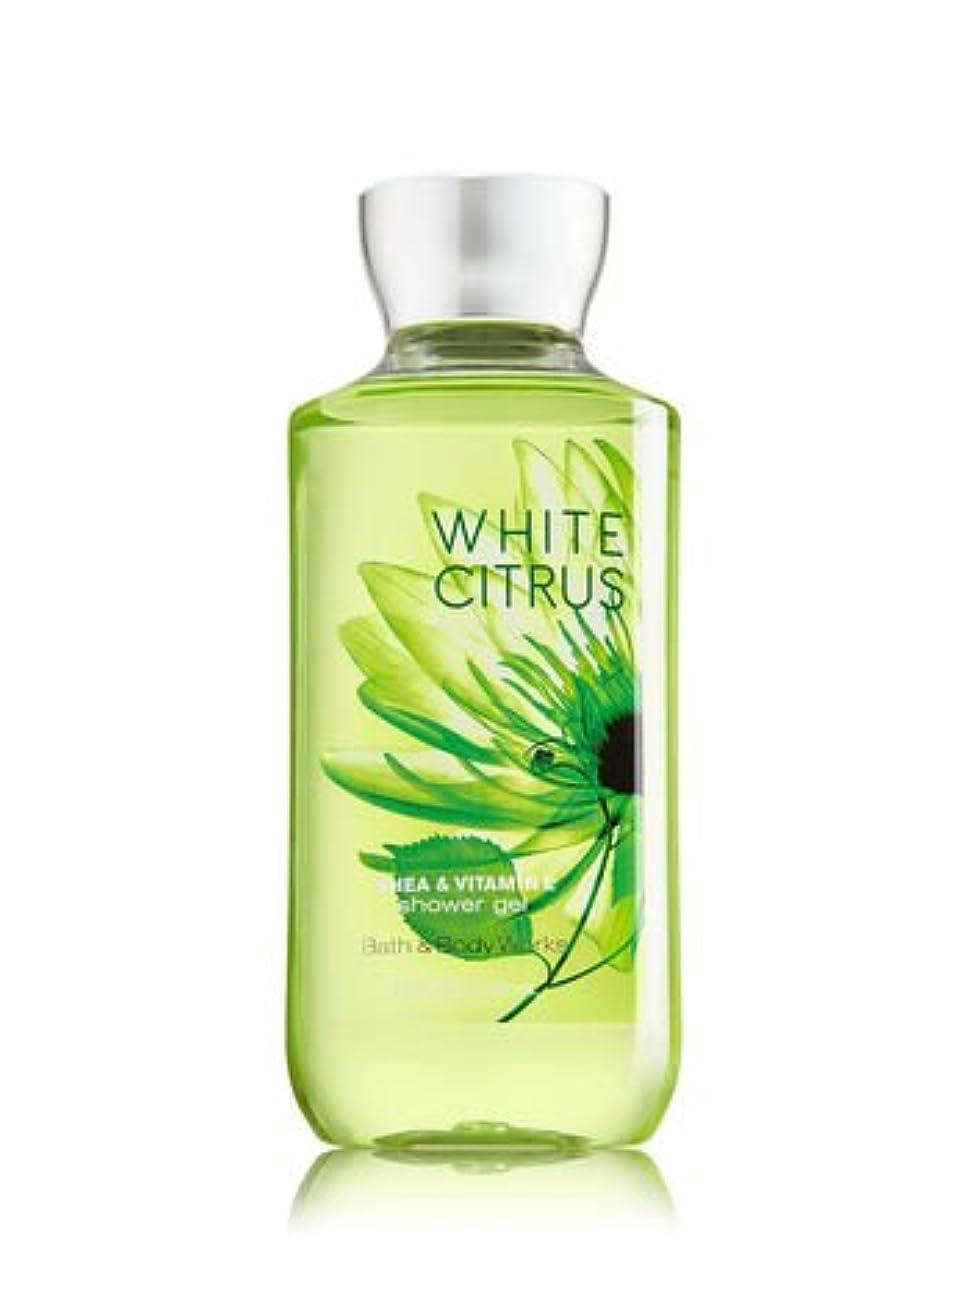 魅惑する評価植物学者バス&ボディワークス ホワイトシトラス シャワージェル White Citrus Shower Gel [並行輸入品]